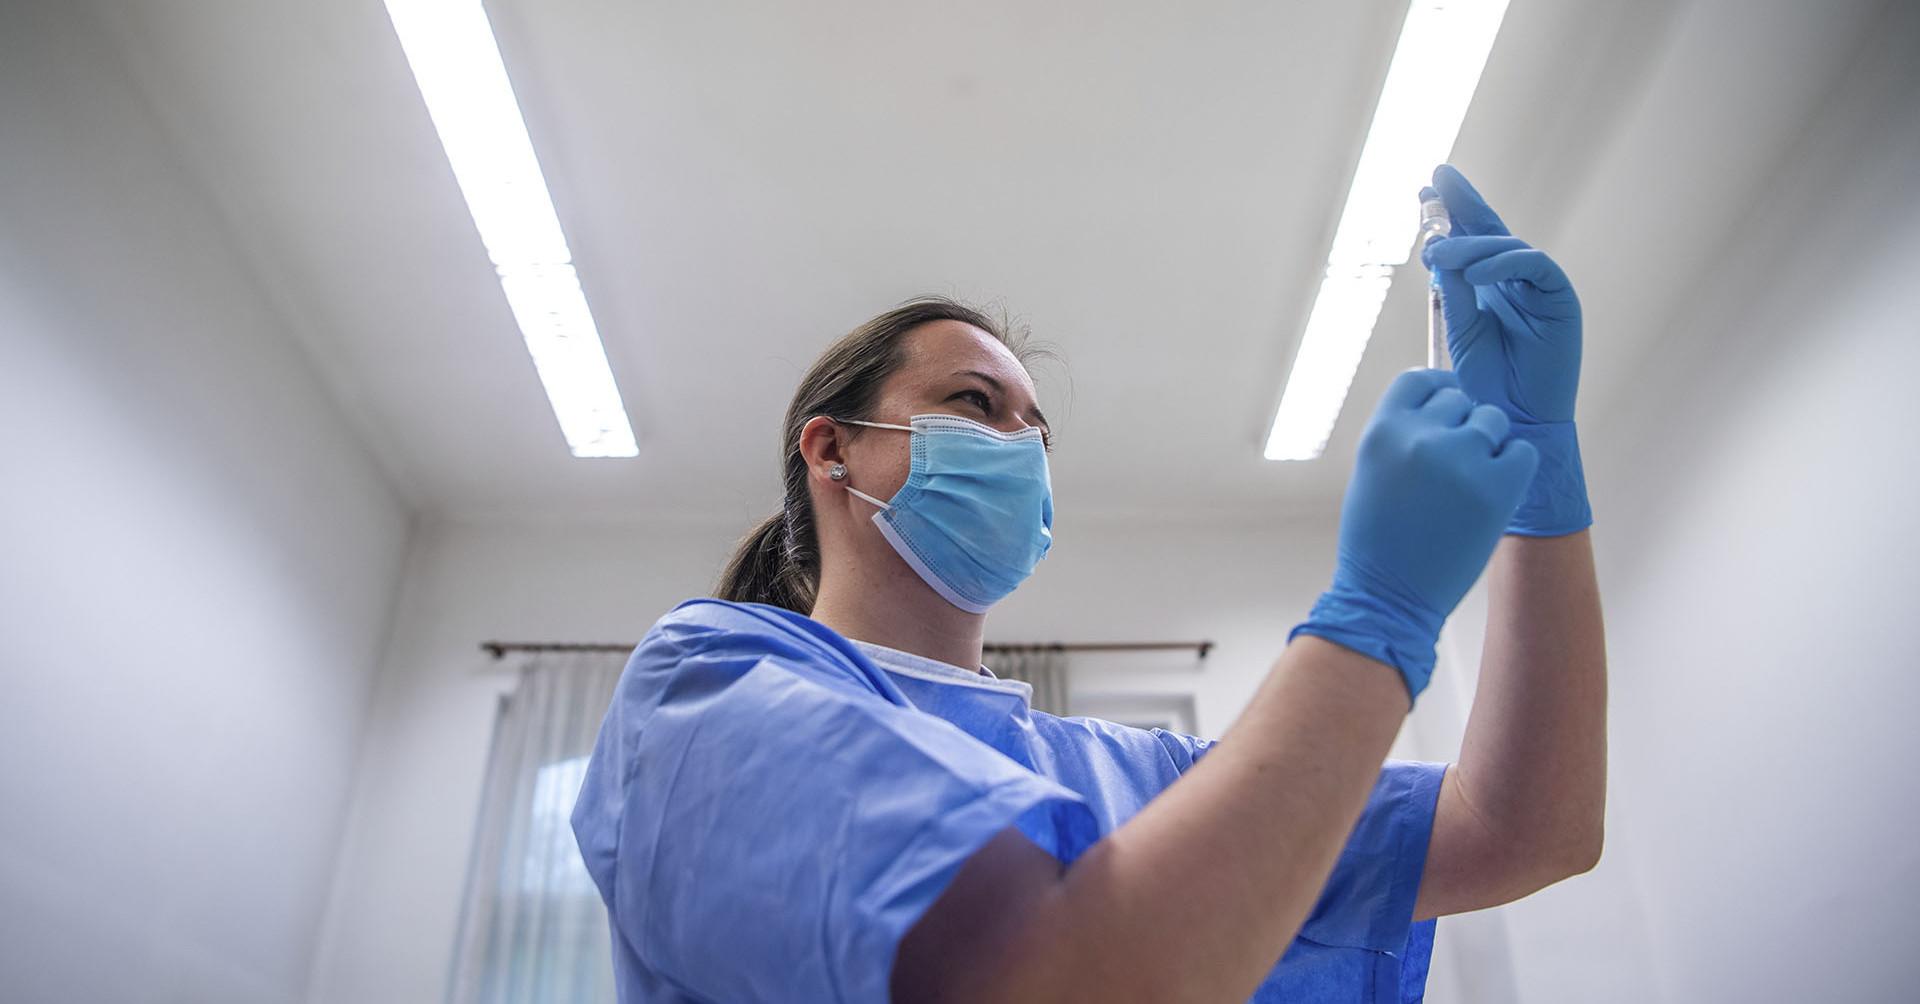 Dr. Rusvai Miklós: Ha kismama lenne a lányom, akkor mindenképpen kérném, hogy oltassa be magát